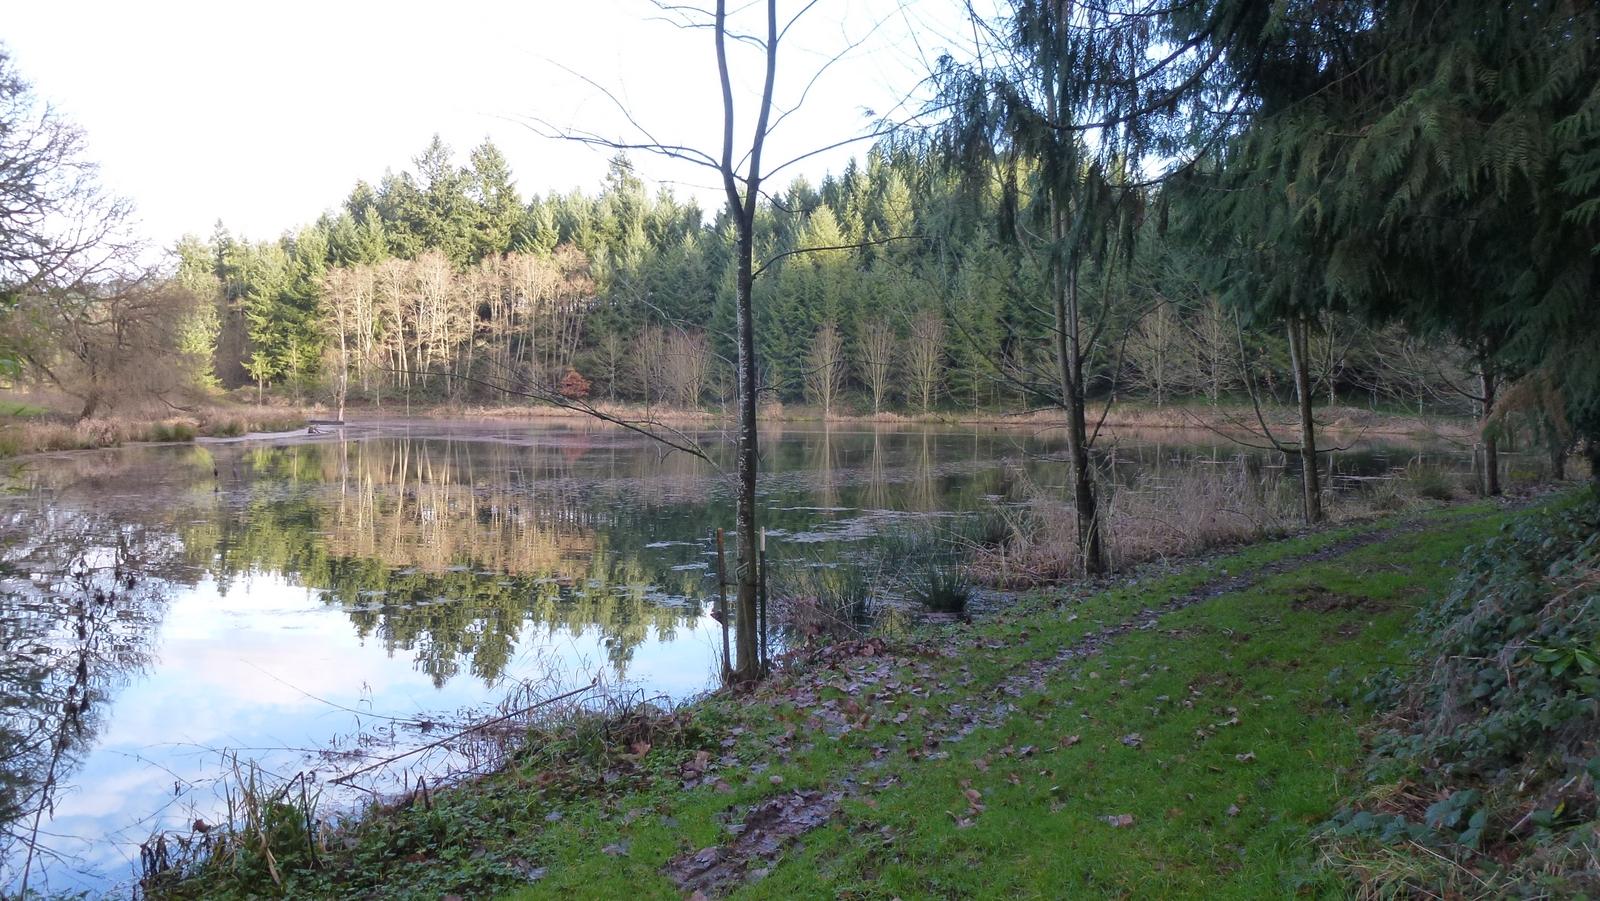 003  Wetland Wmt Valley HallFarm 12140